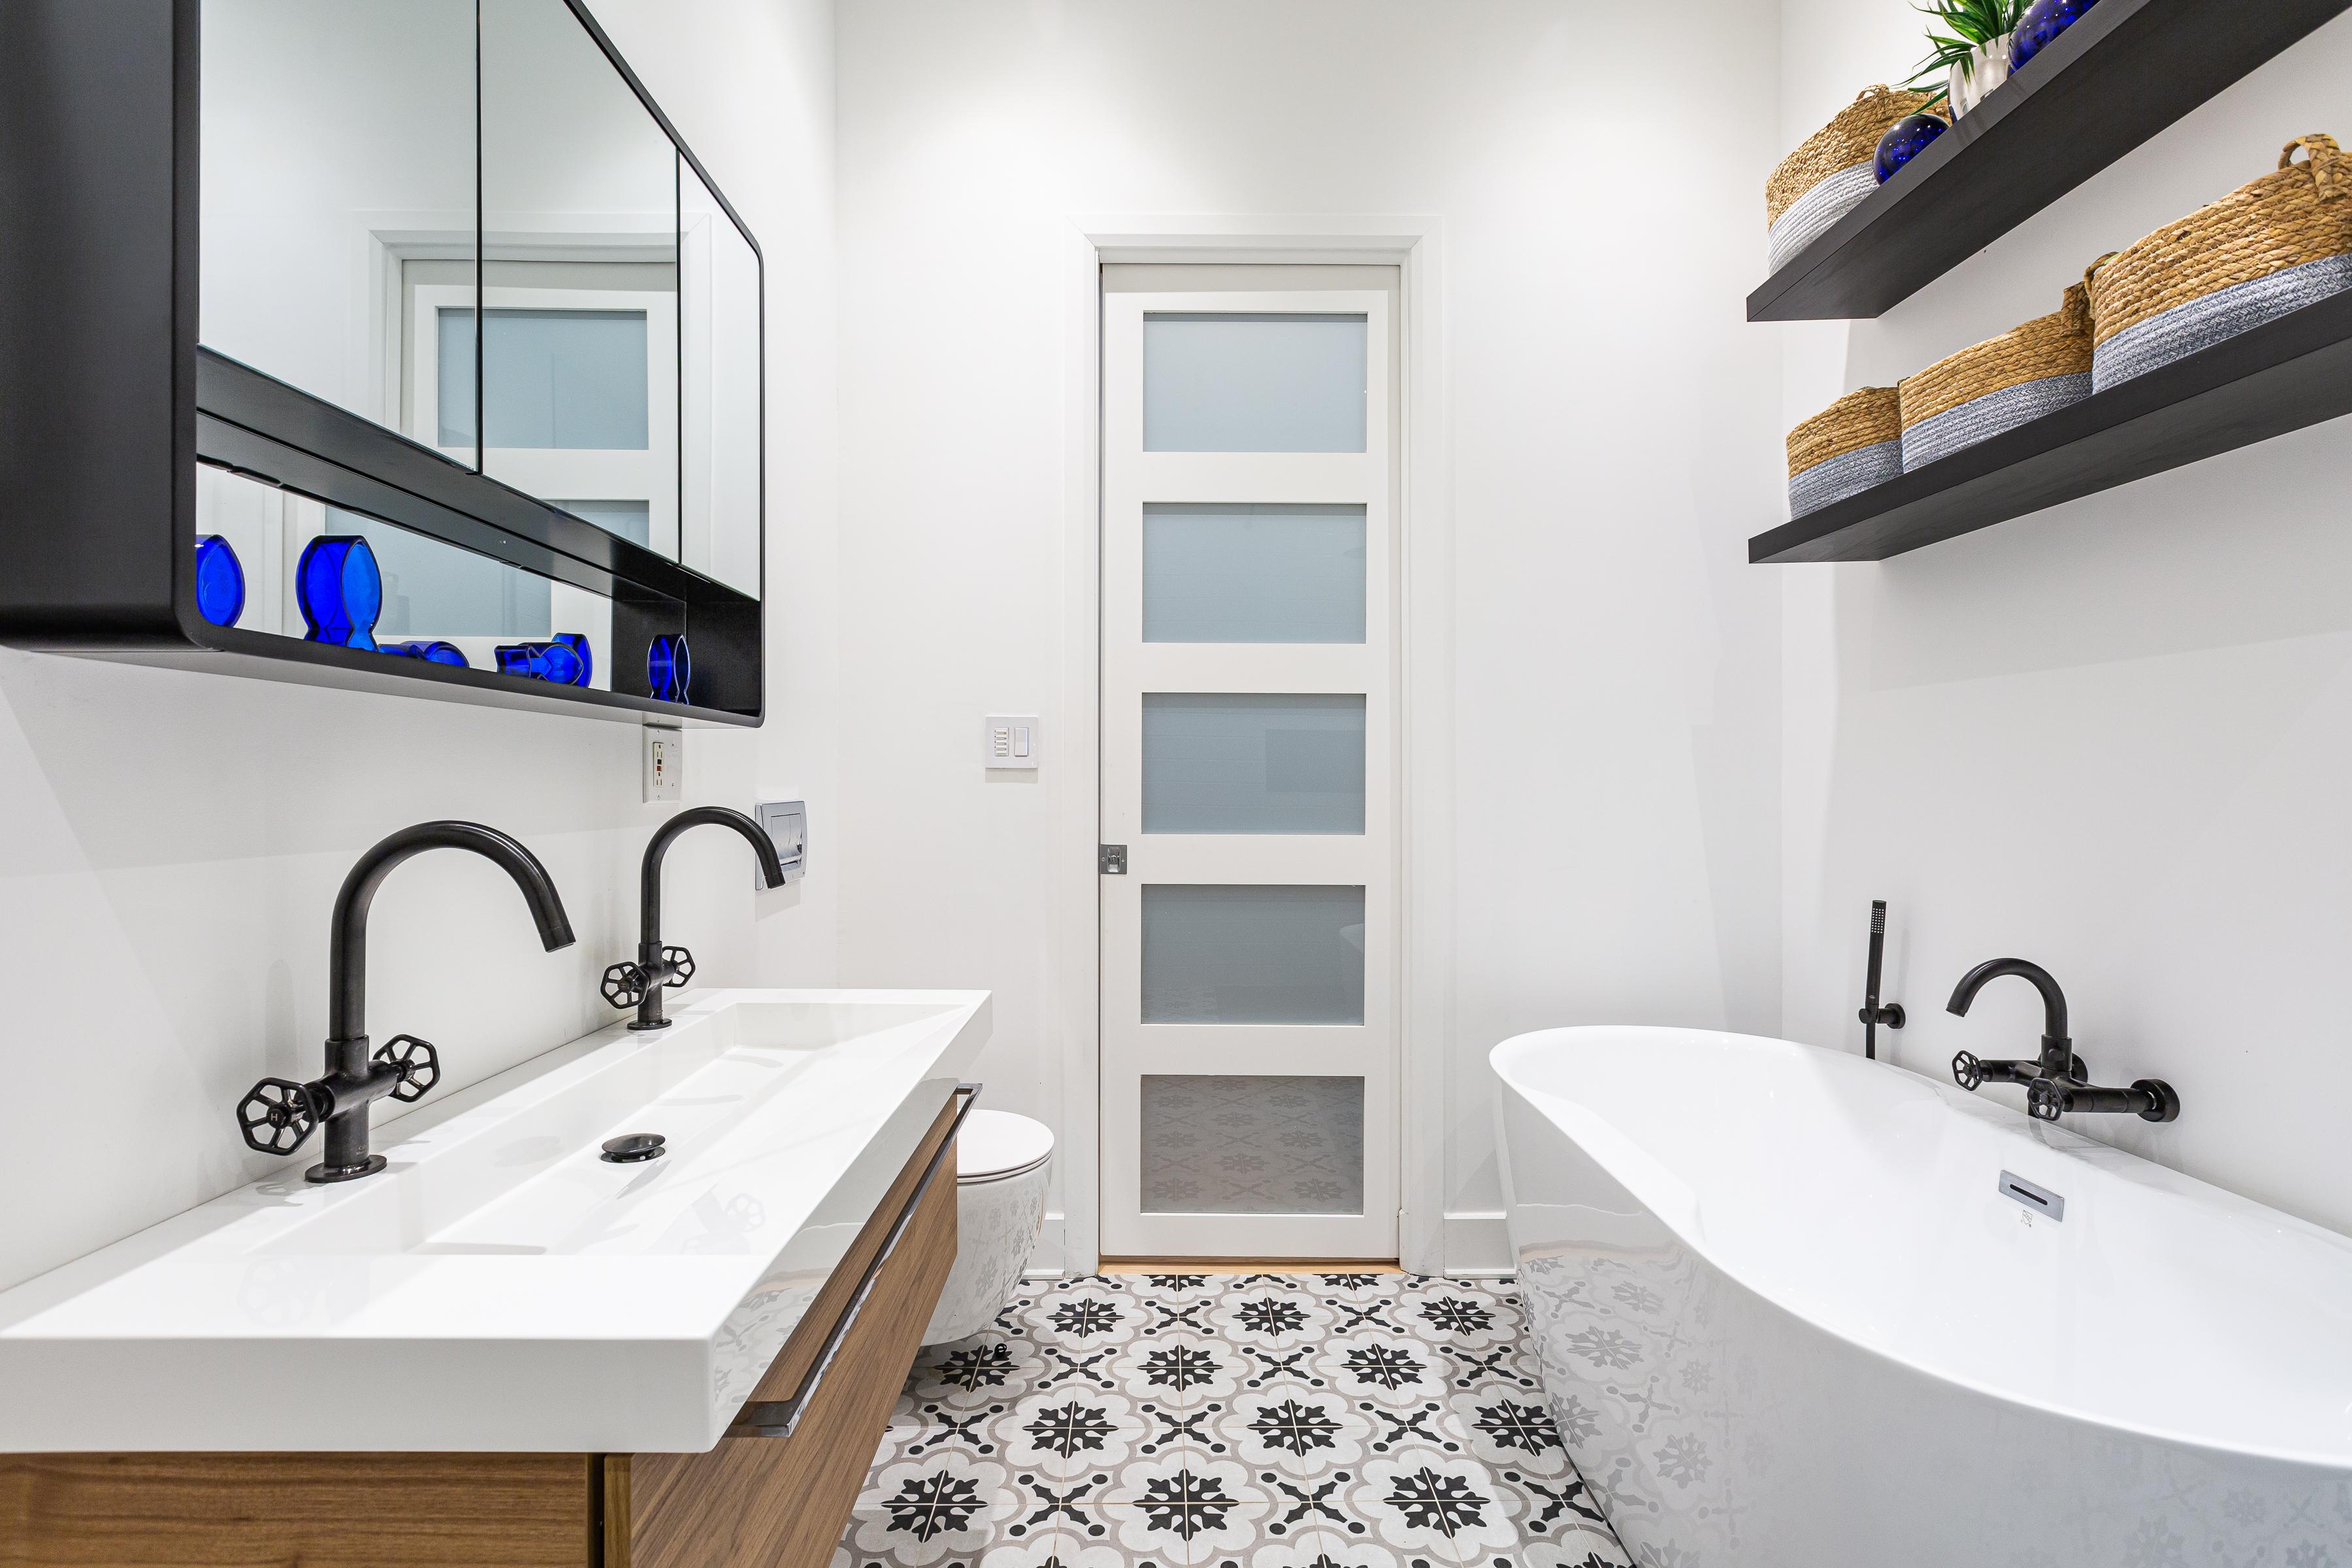 Salle de bain moderne noir et blanche avec tuiles à motifs